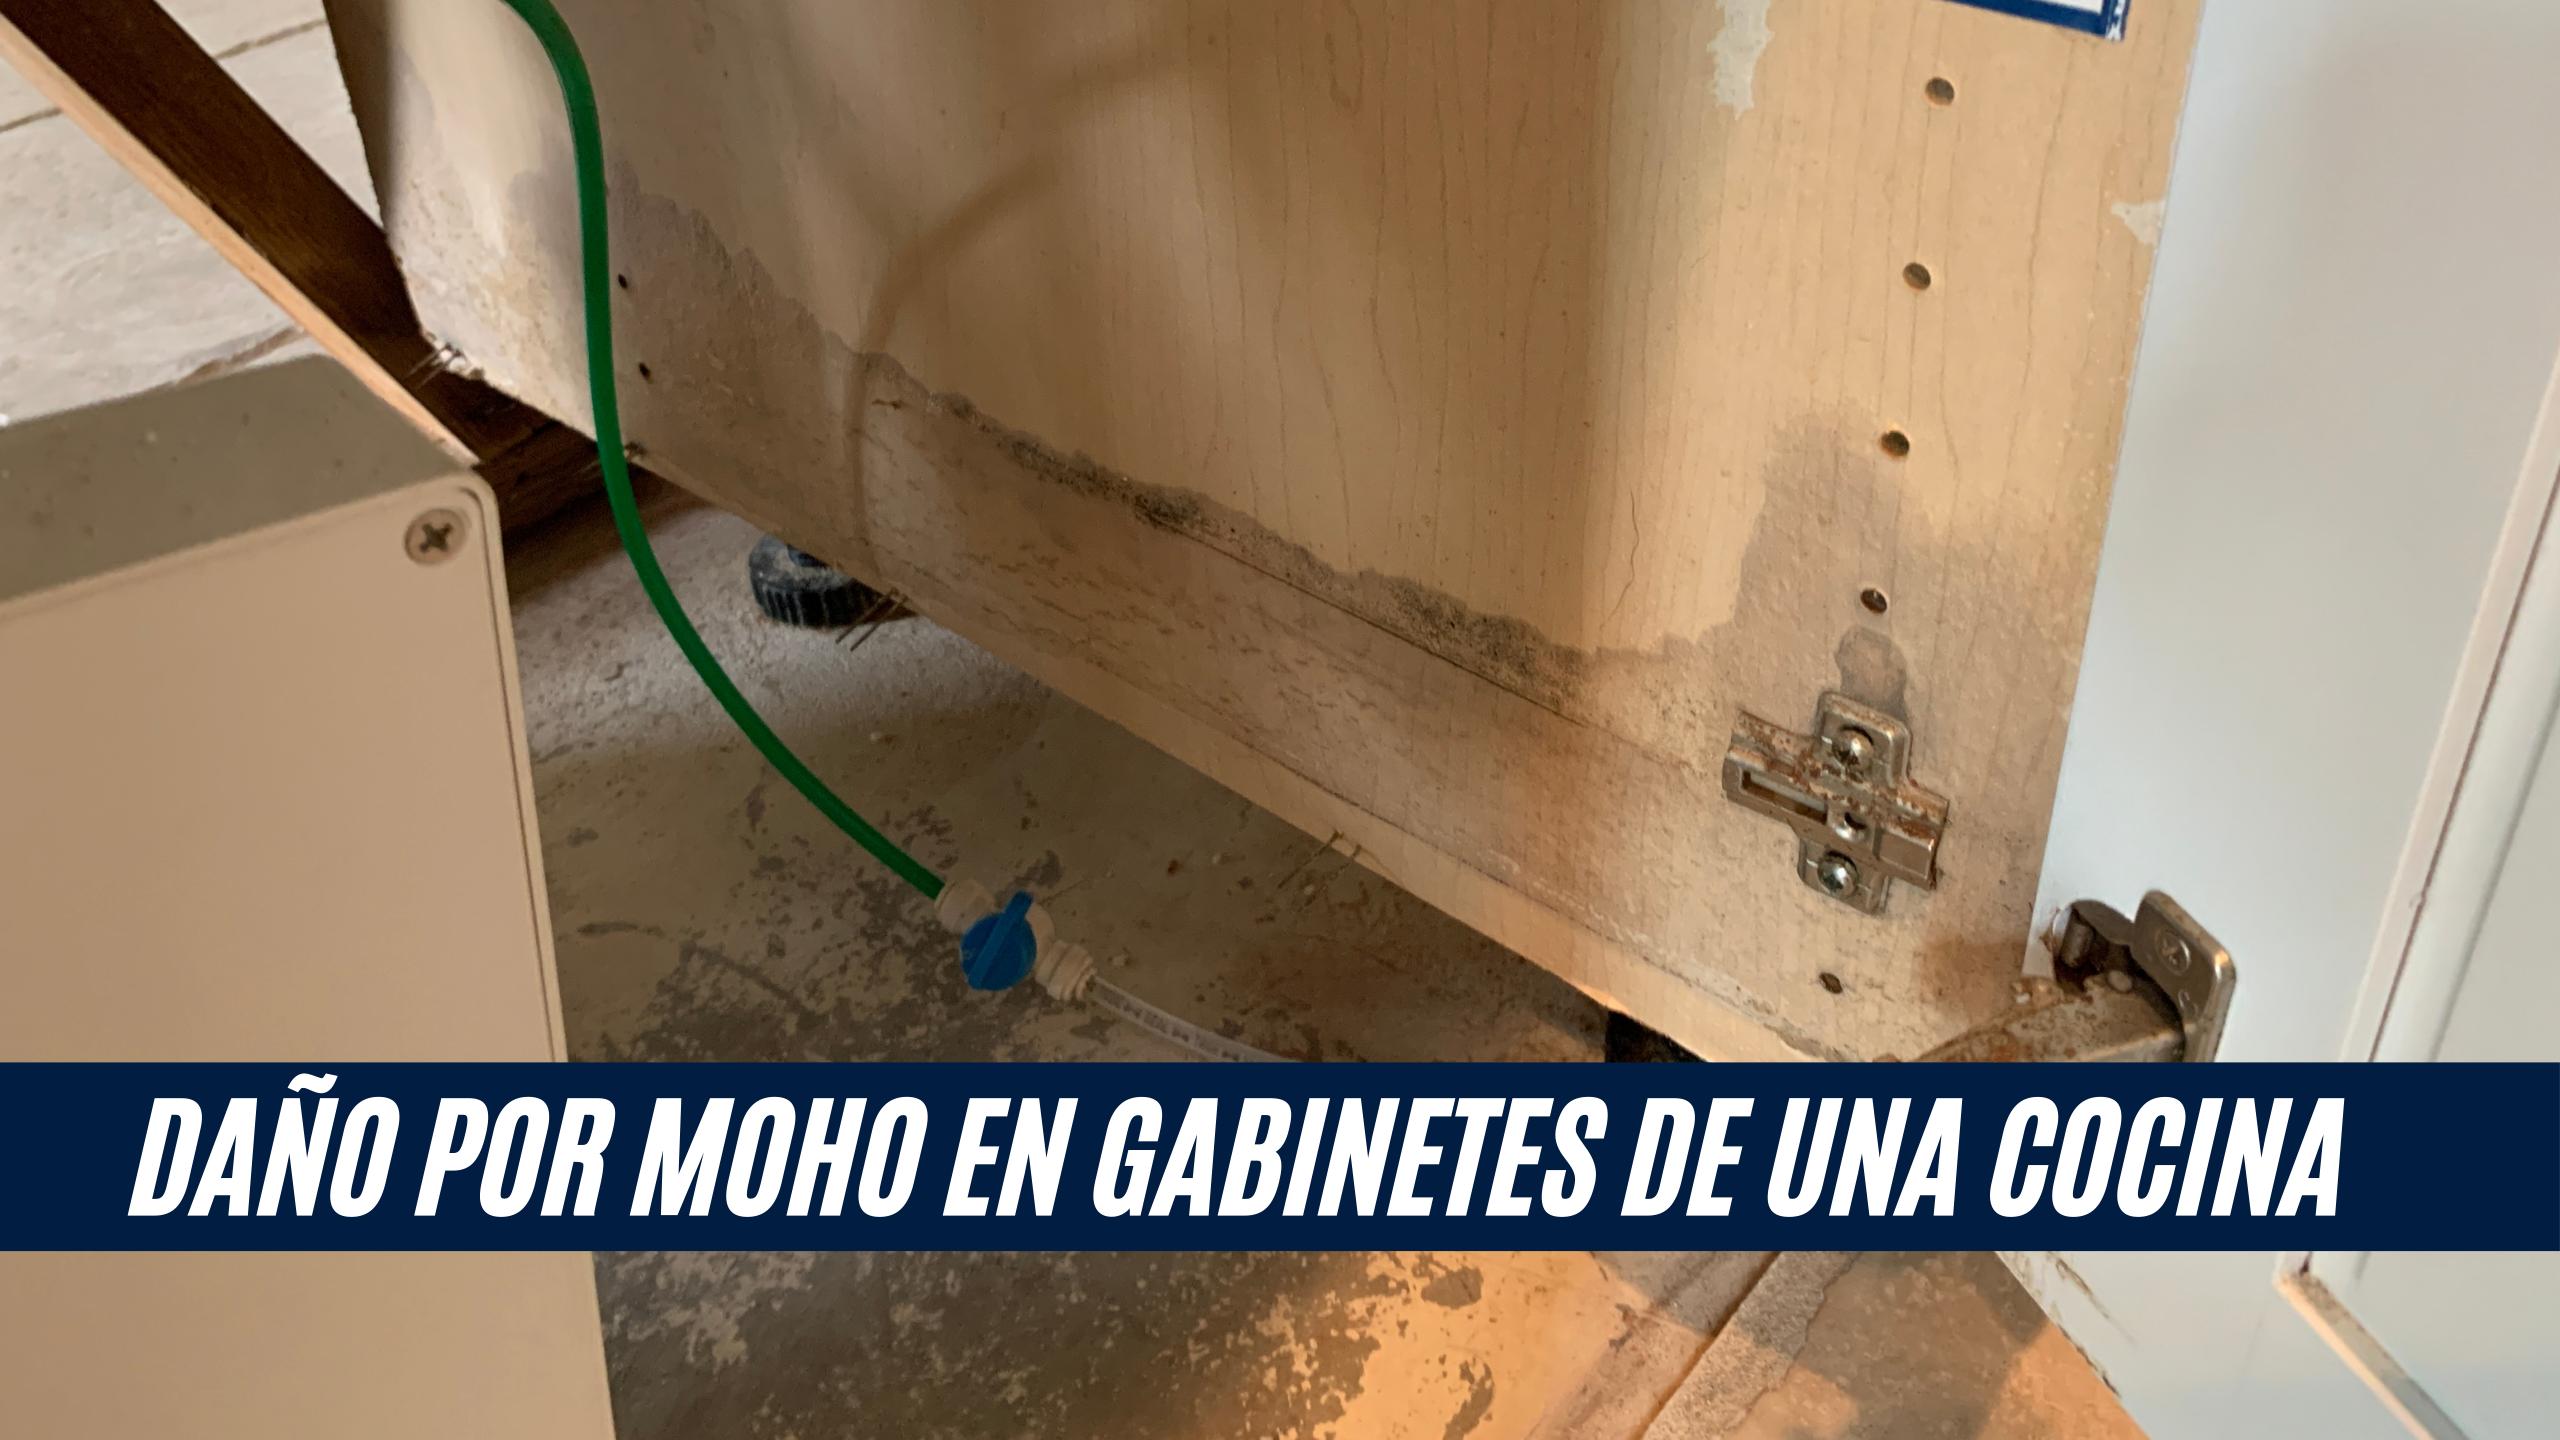 """La imagen muestra daño por moho en una puerta de gabinete de cocina, con una barra con el título """"Daño por moho en gabinetes de una cocina"""""""